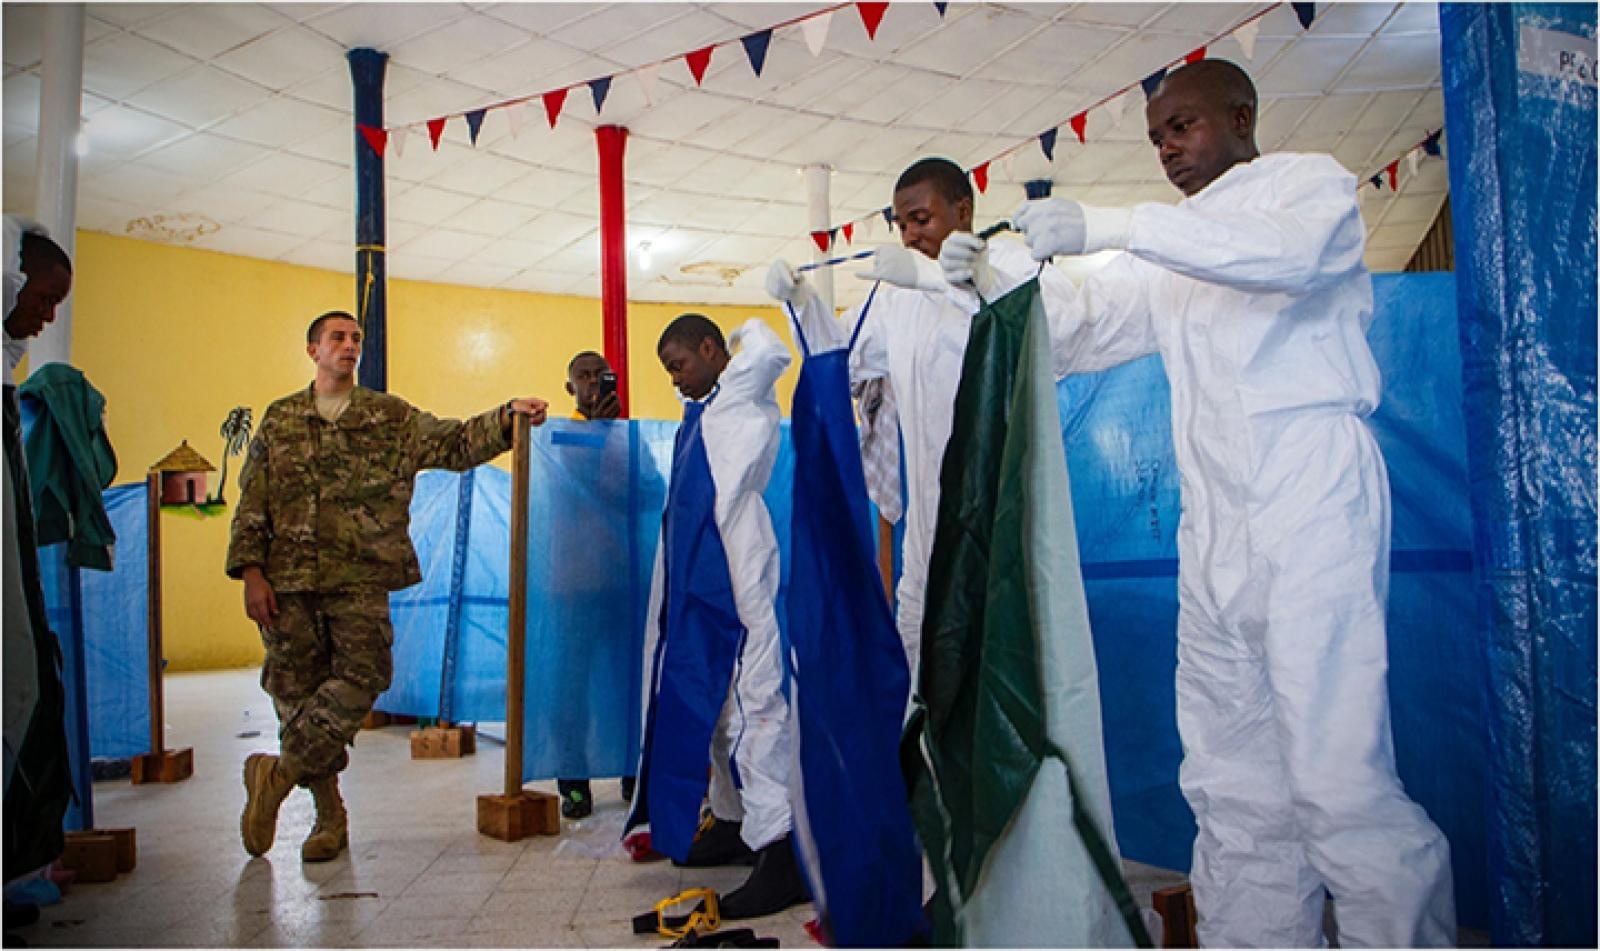 Un oficial mèdic de les forces aèries nord-americanes supervisa la col·locació dels vestits protectors d'un grup de treballadors sanitaris